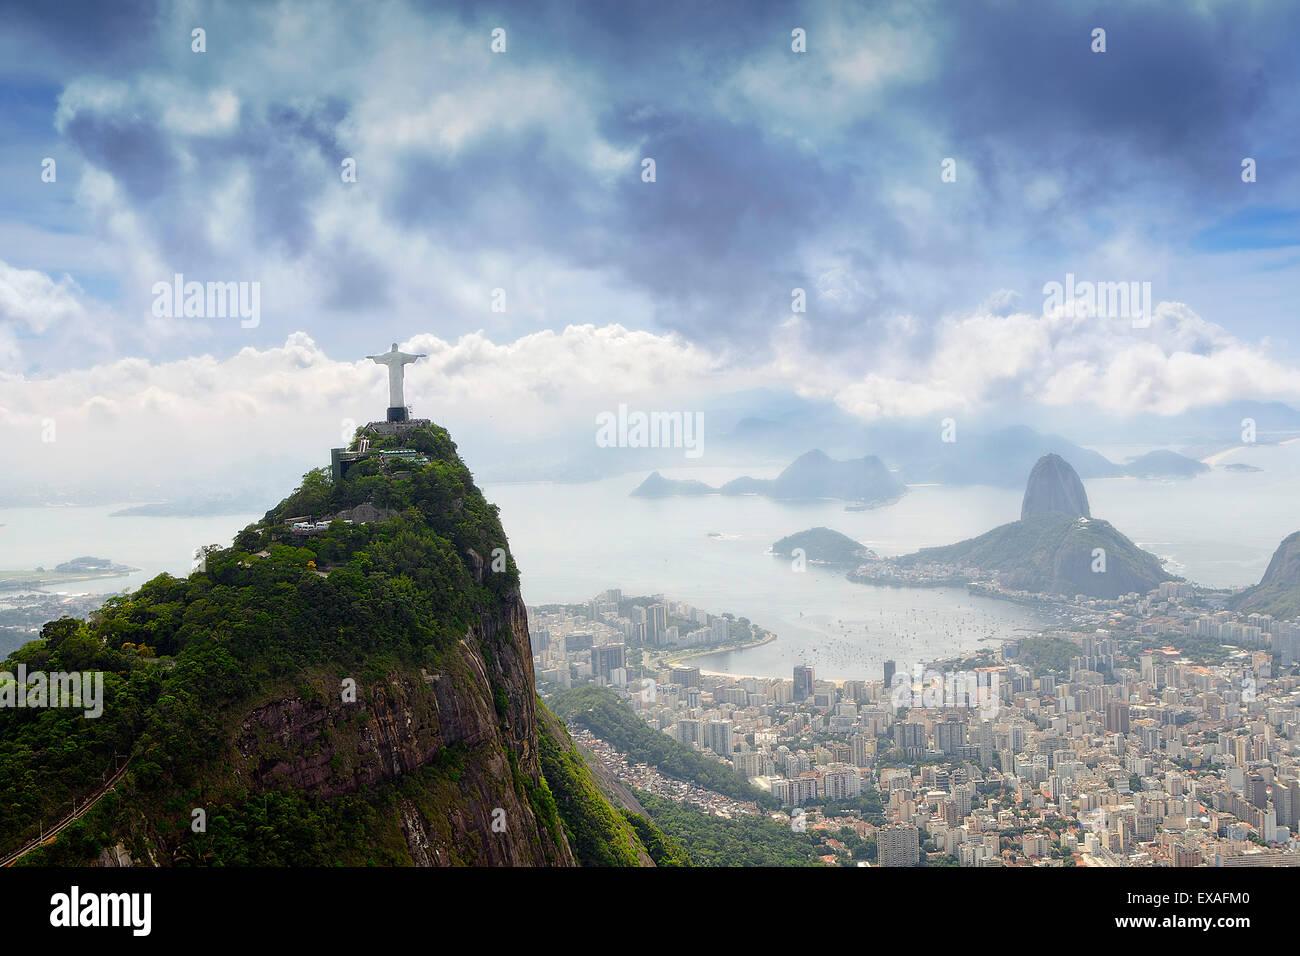 Rio de Janeiro paesaggio mostra Corcovado Cristo e il Pan di Zucchero, sito UNESCO, Rio de Janeiro, Brasile, Sud Immagini Stock